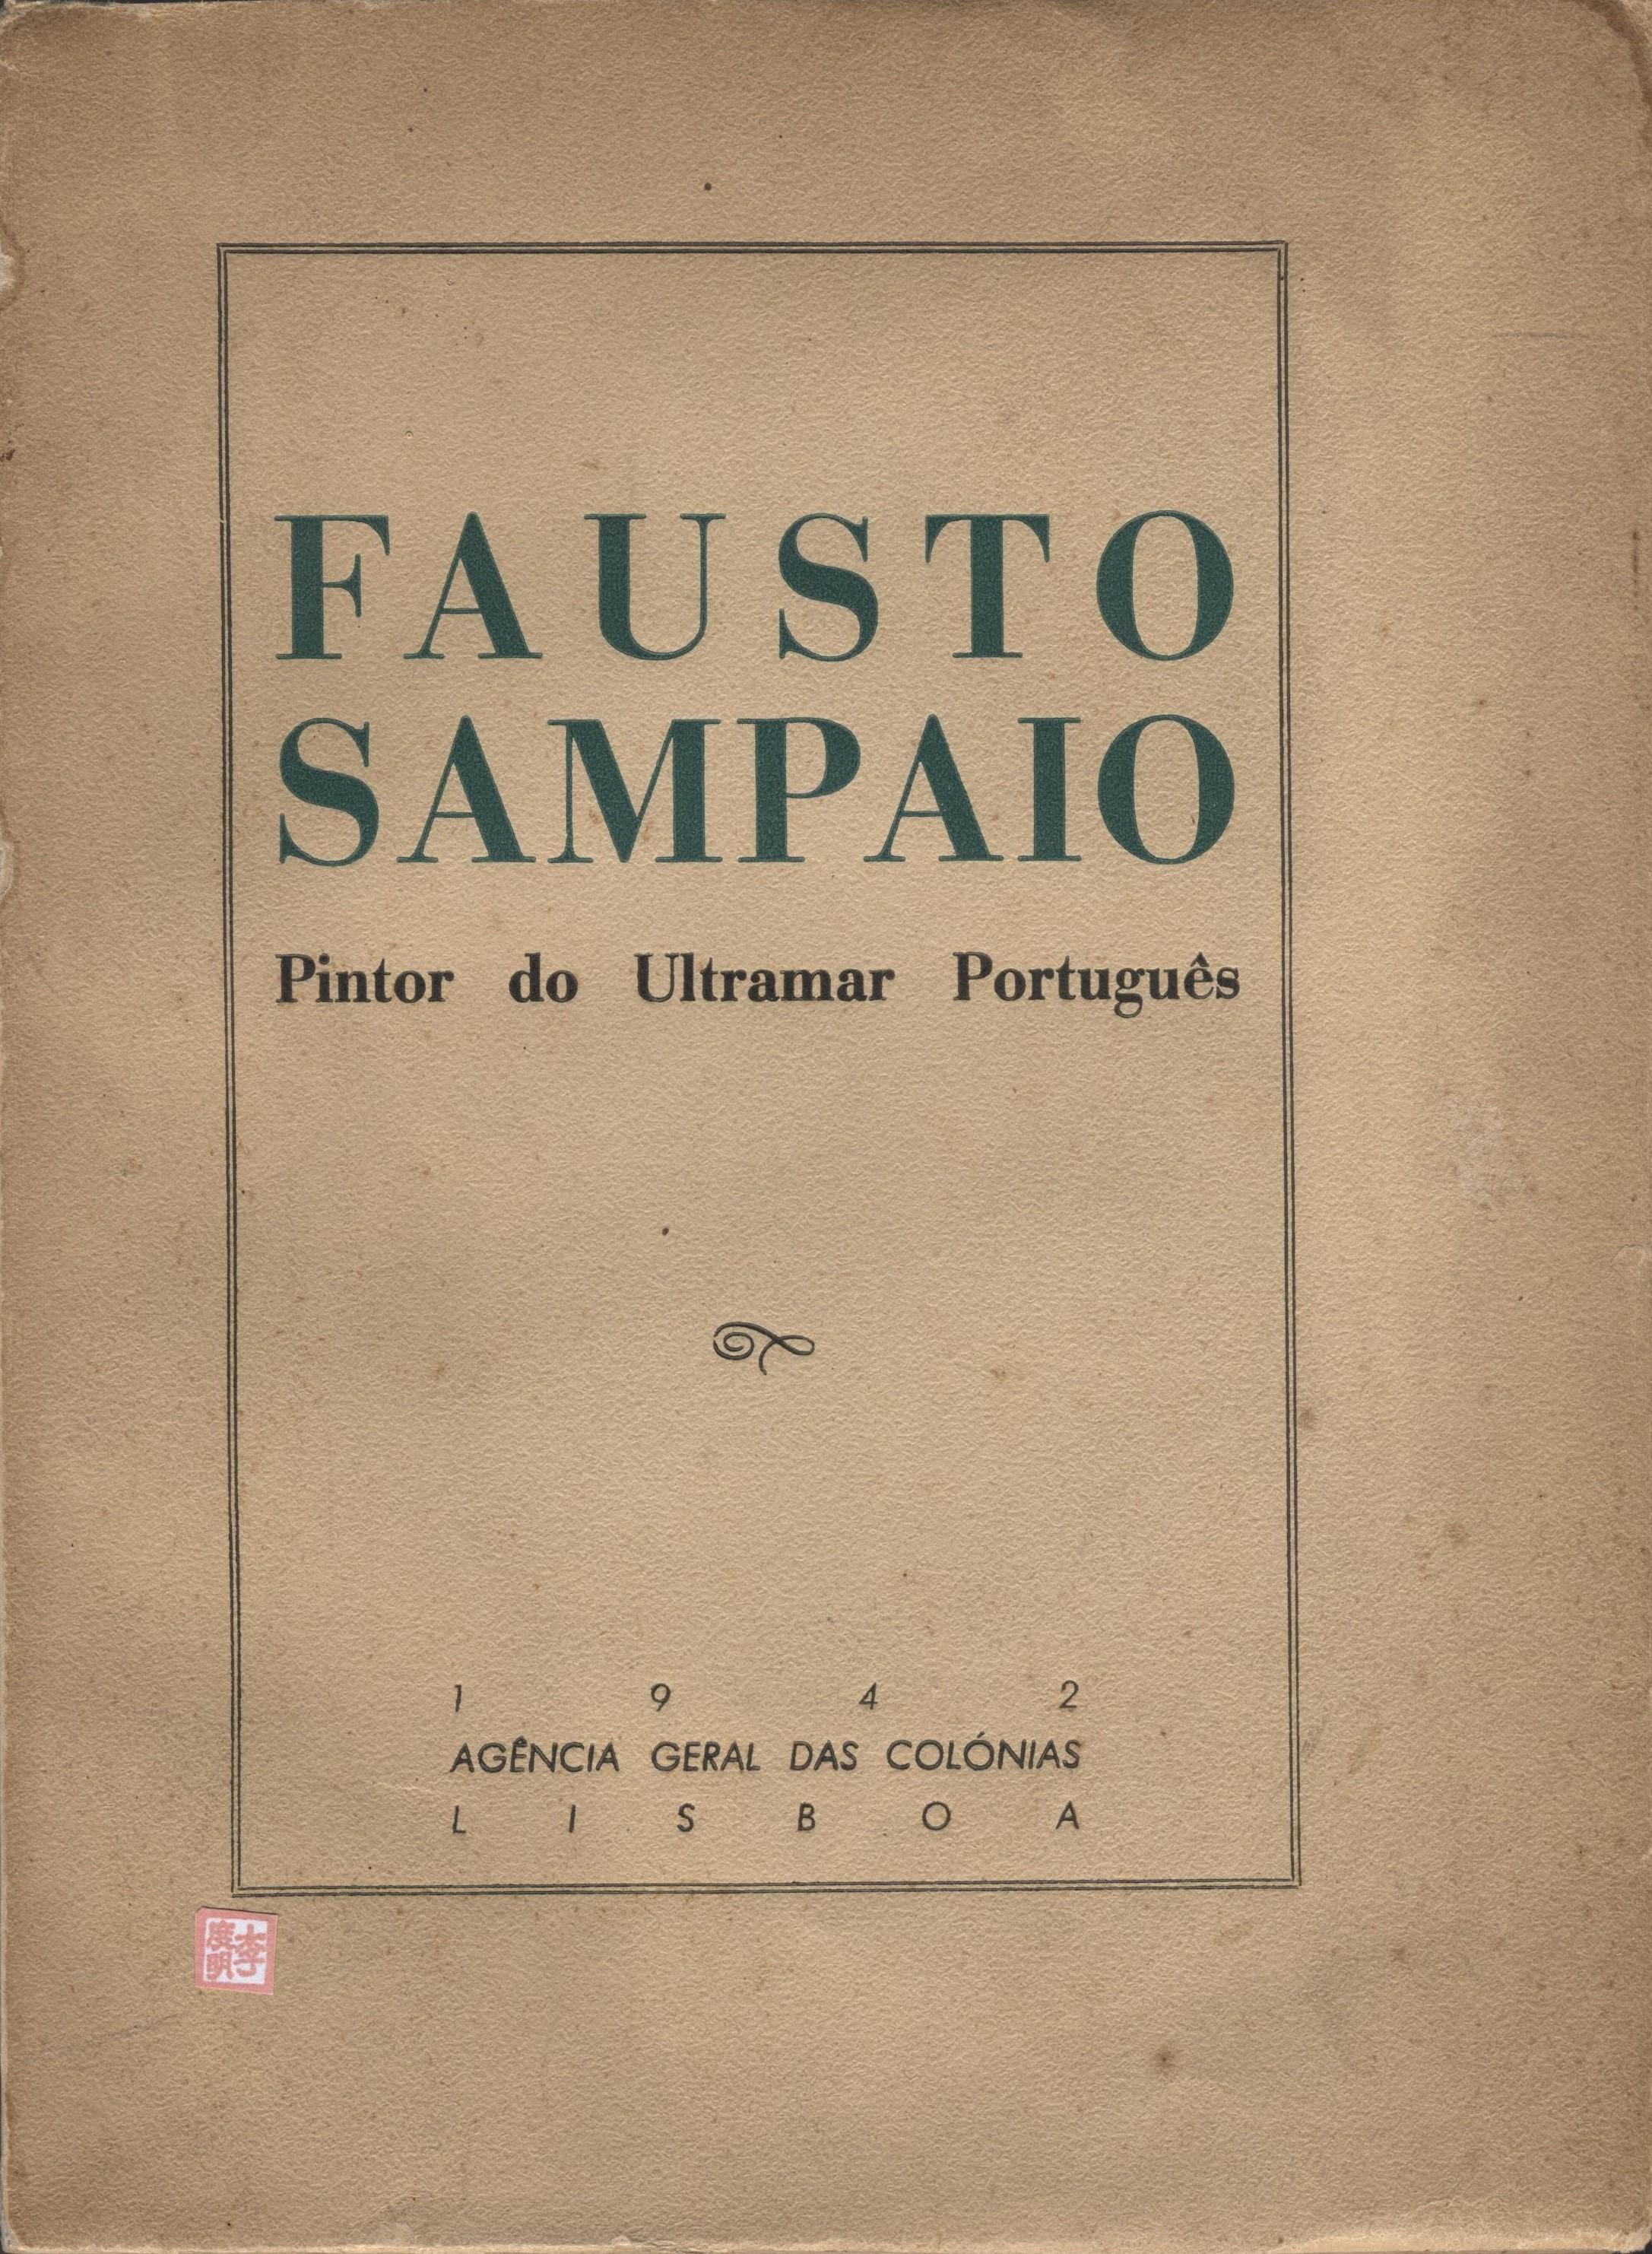 Fausto Sampaio Pintor do Ultramar CAPA